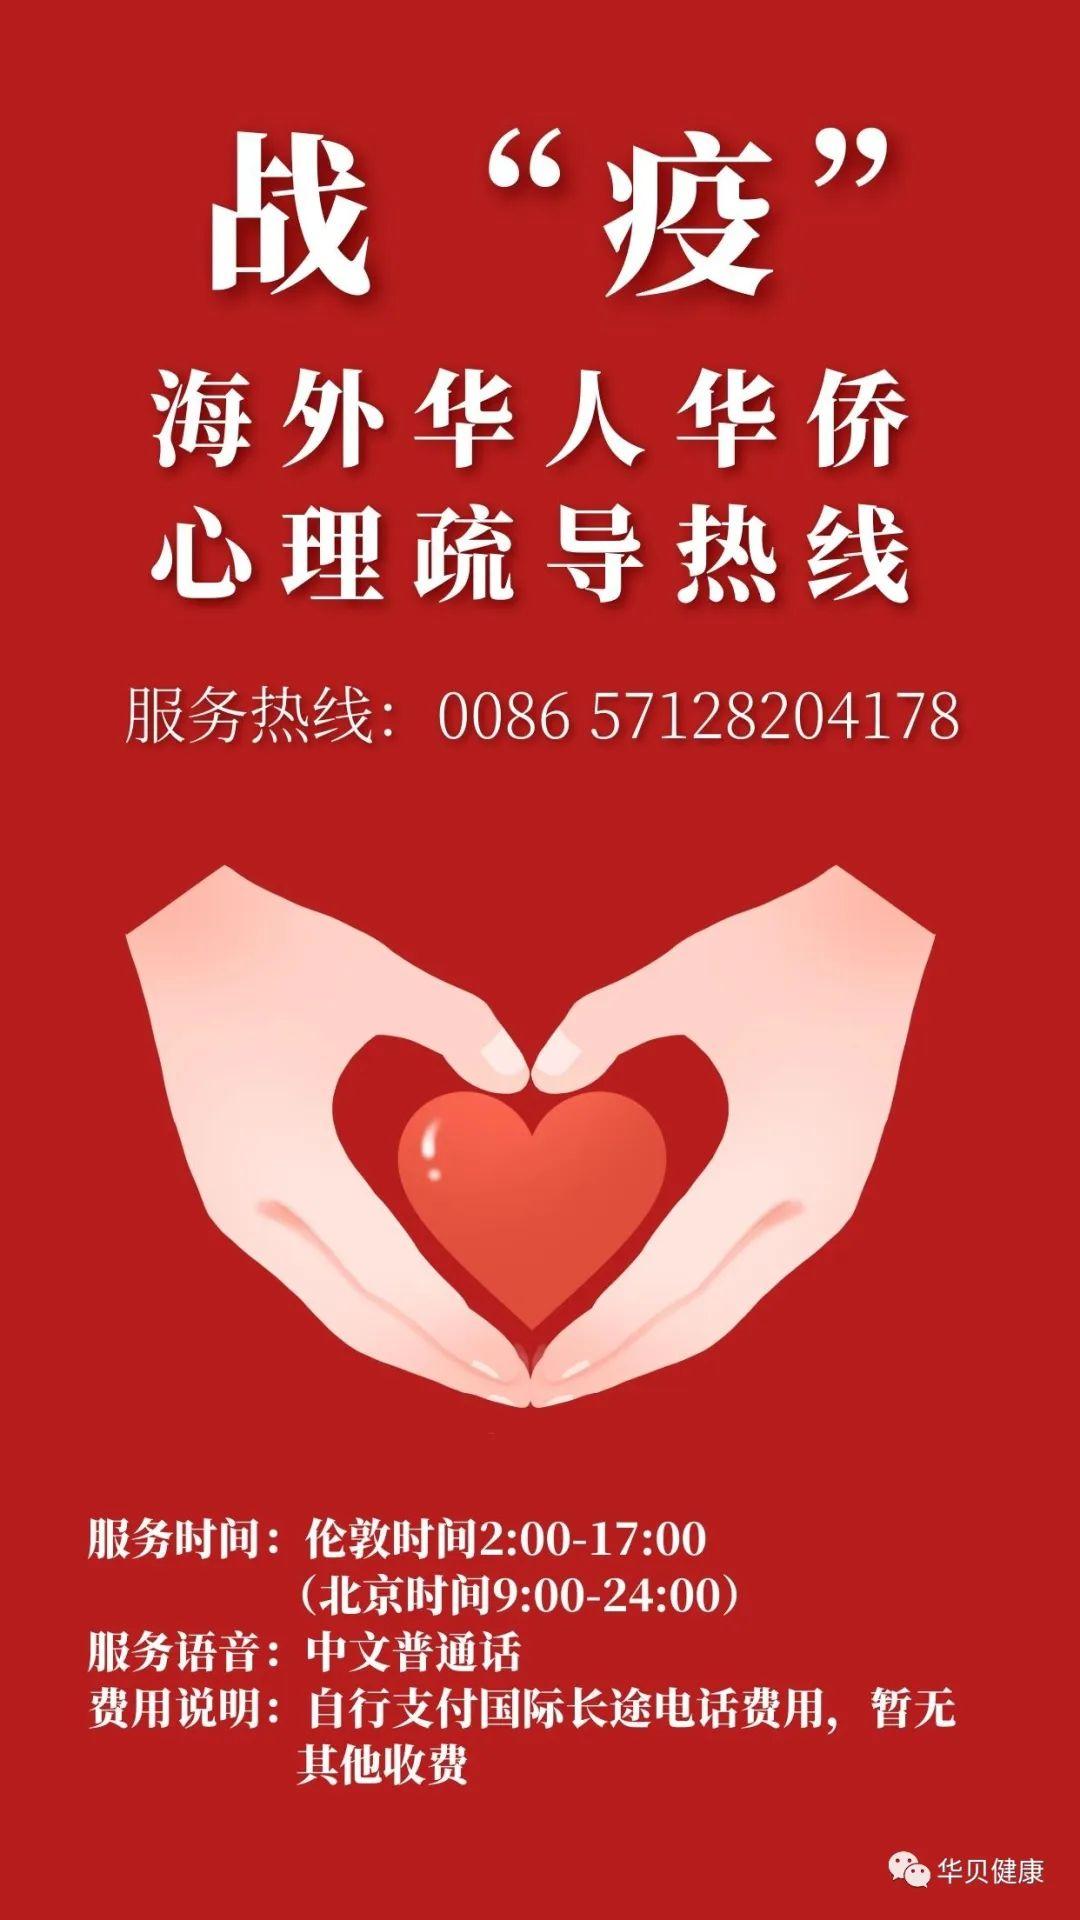 学联帮转 | 海外华人华侨疫情心理疏导服务热线开通